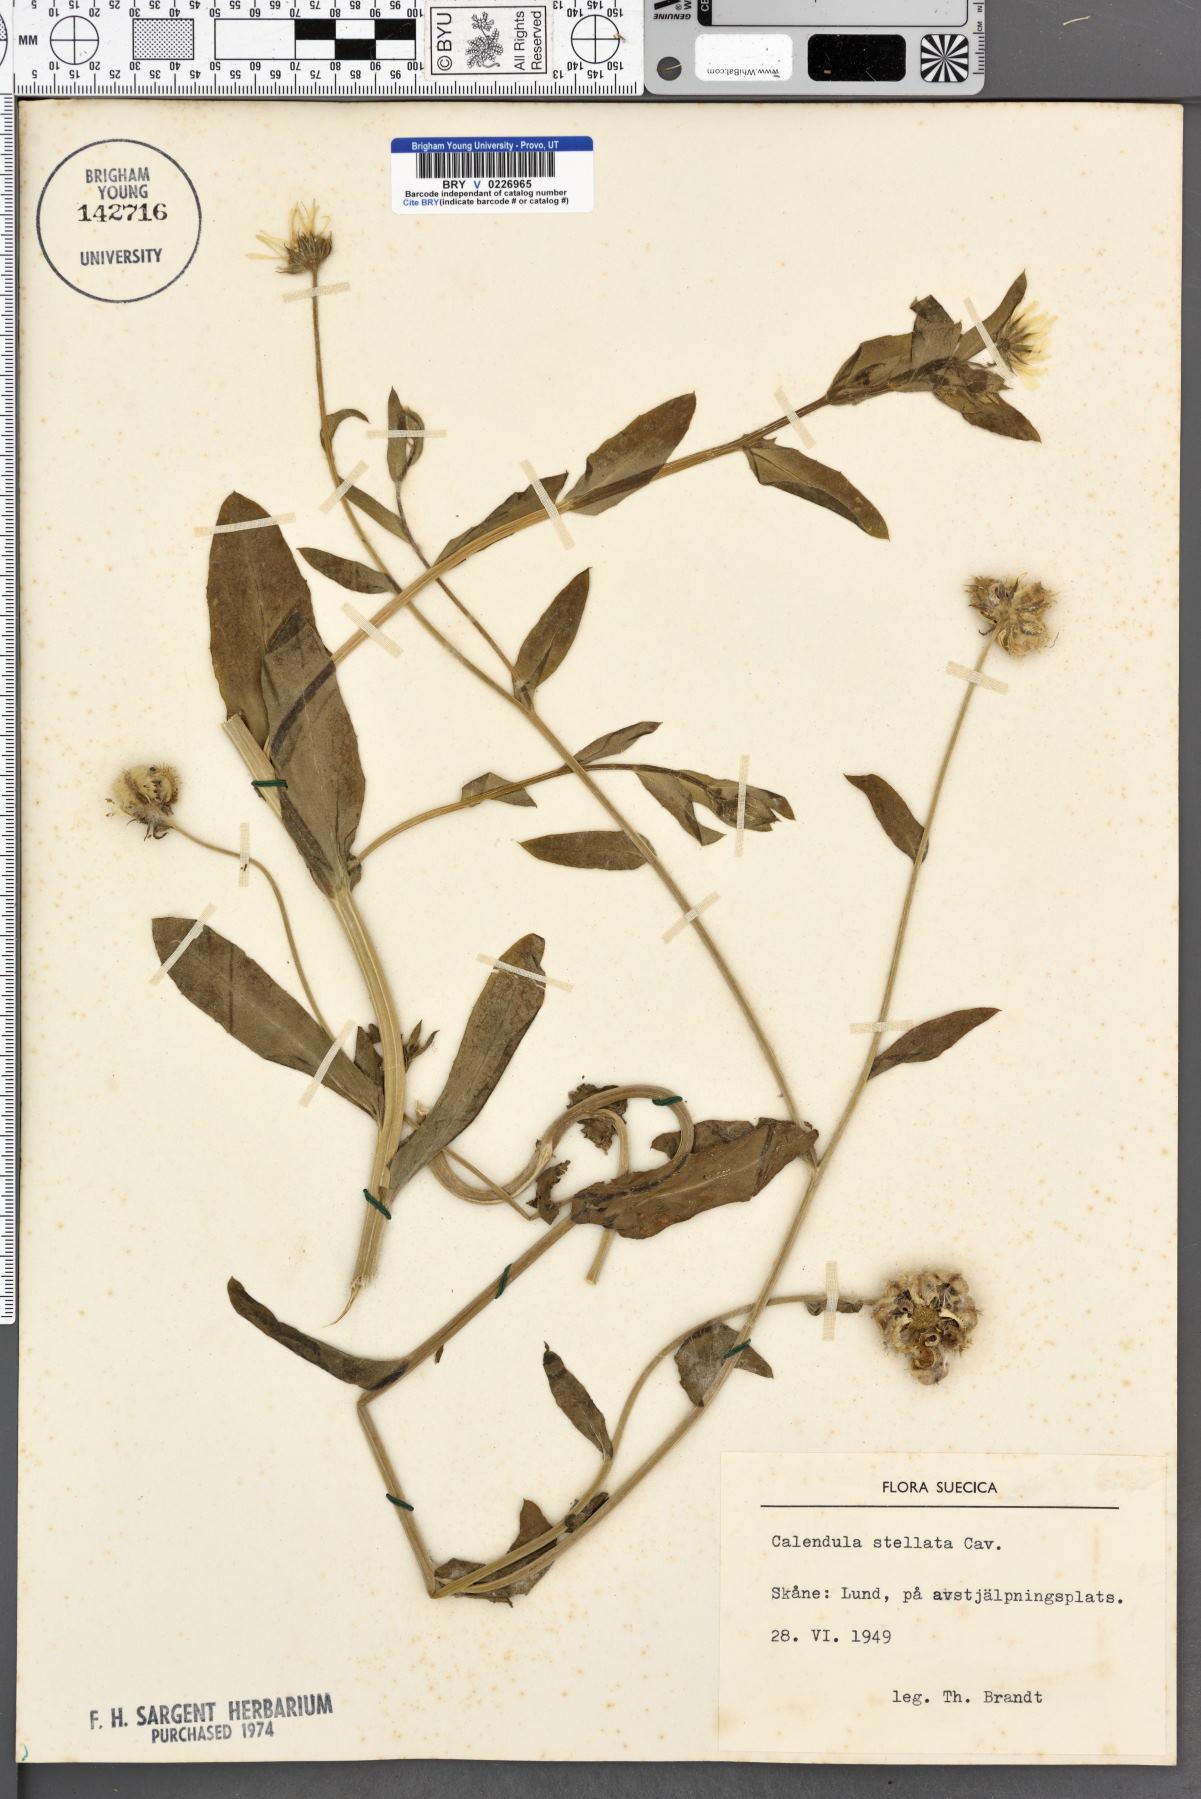 Calendula stellata image